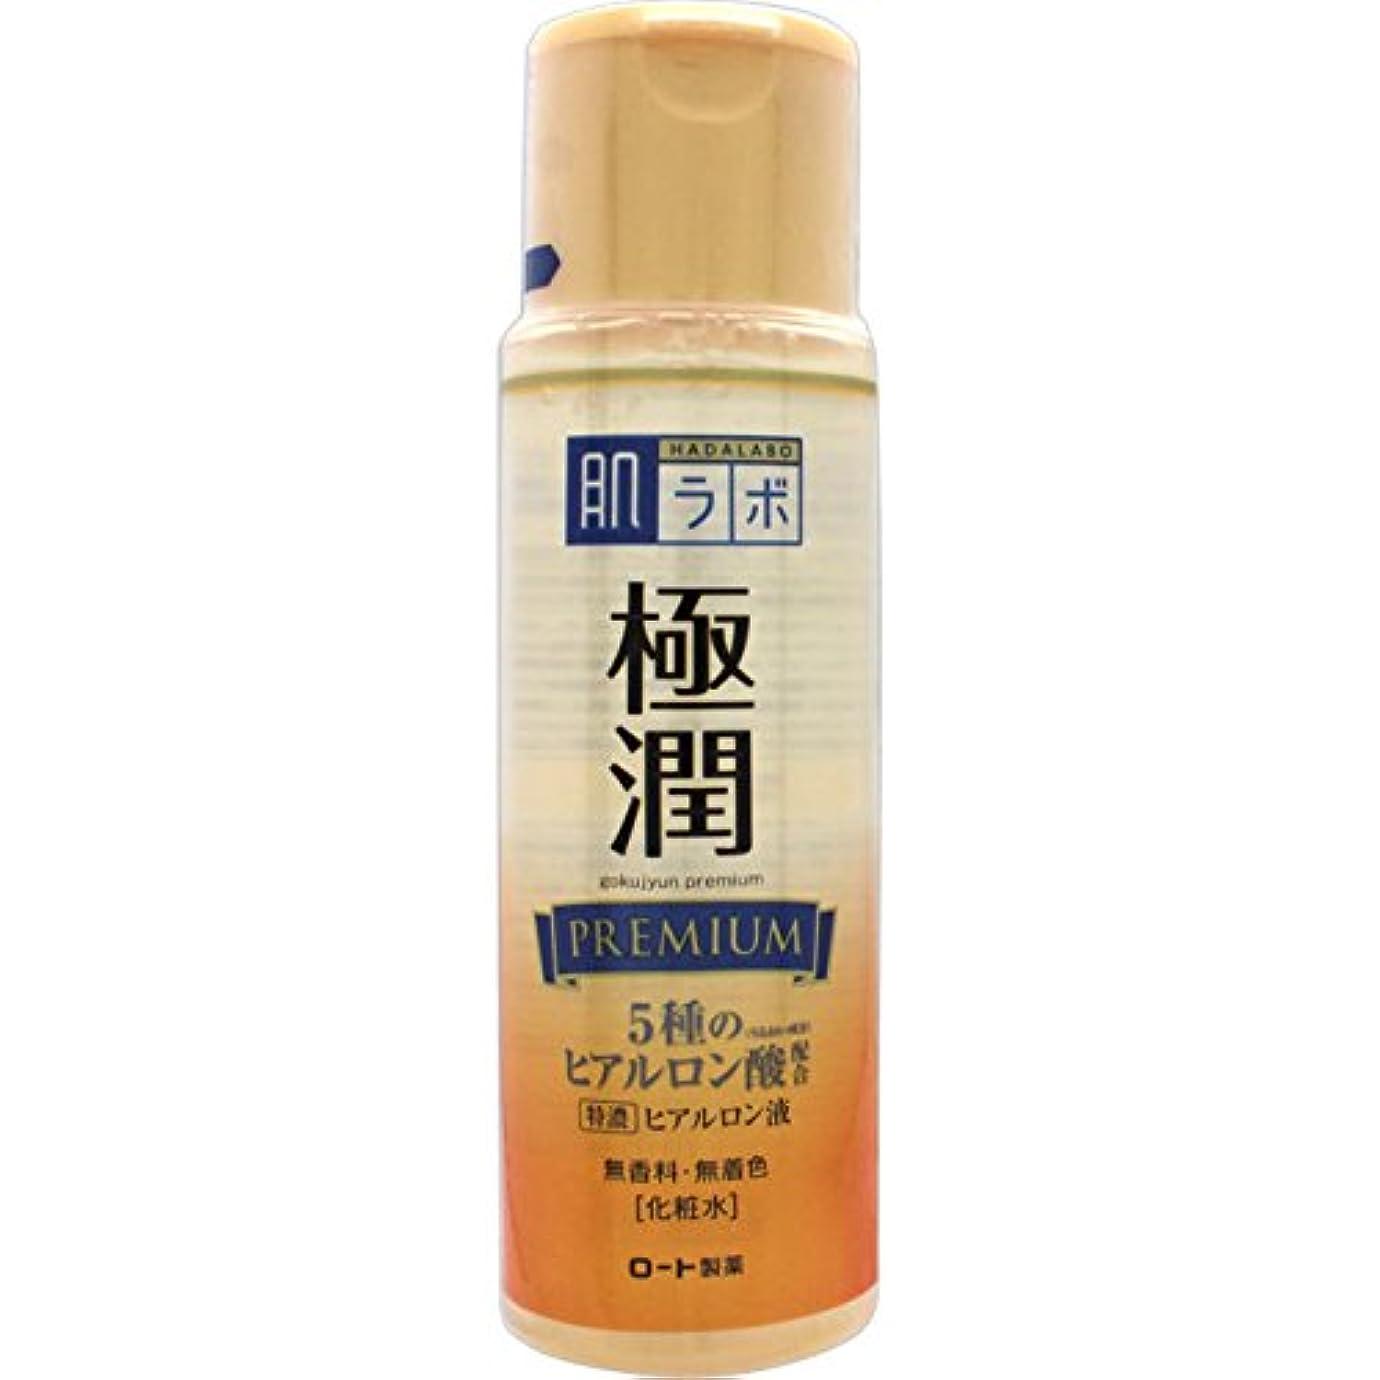 パリティ汚れた愛国的な肌ラボ 極潤プレミアム 特濃ヒアルロン酸 化粧水 ヒアルロン酸5種類×サクラン配合 170mL